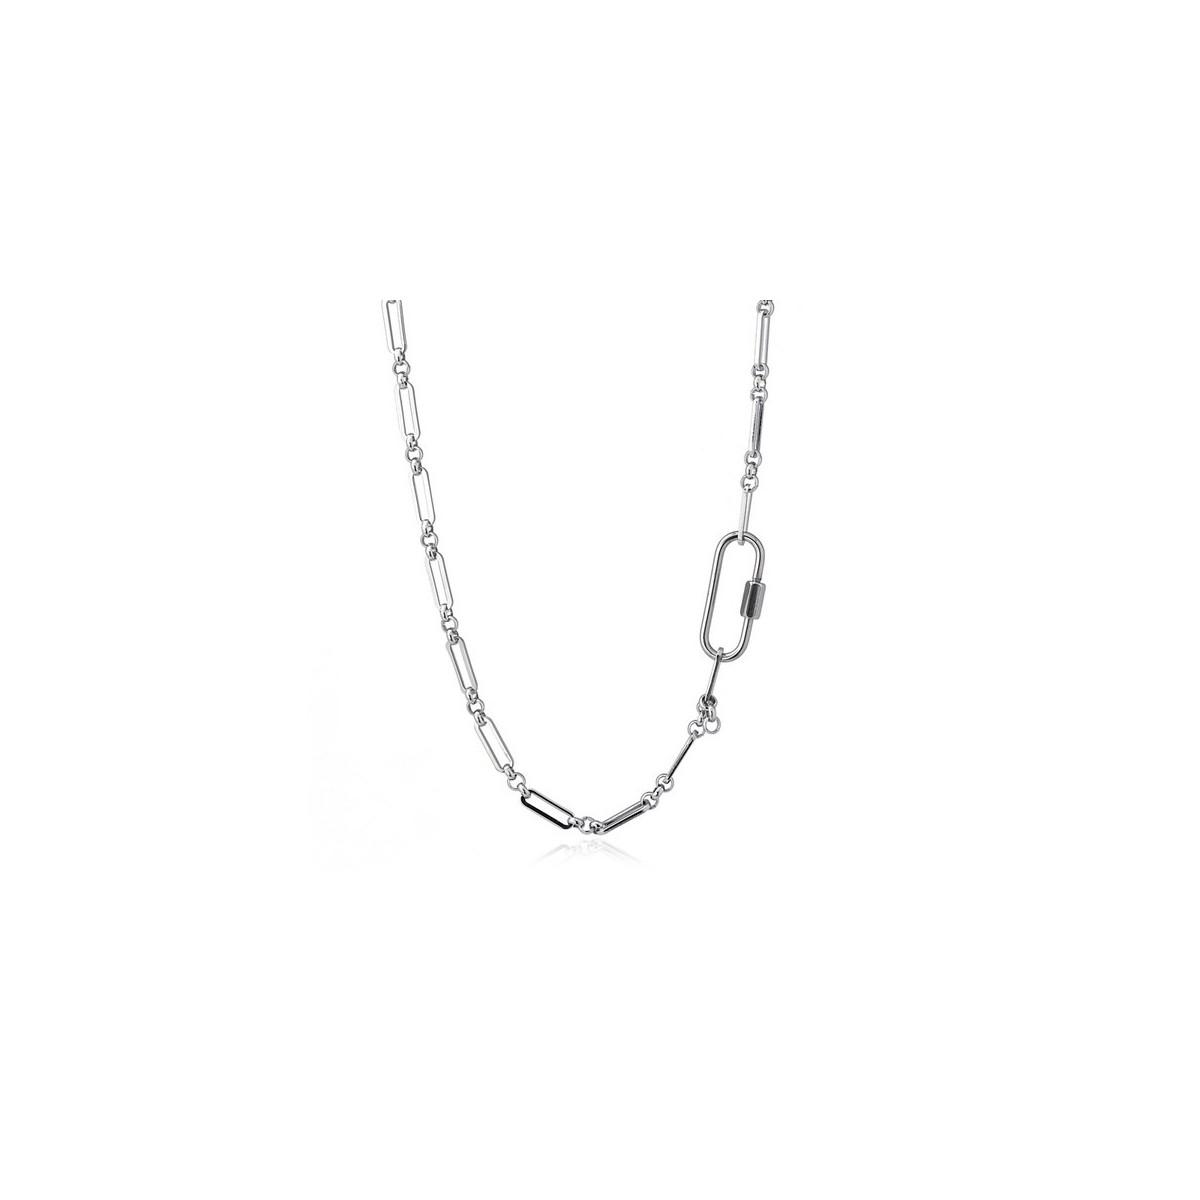 Collar Anartxy BCO083PL